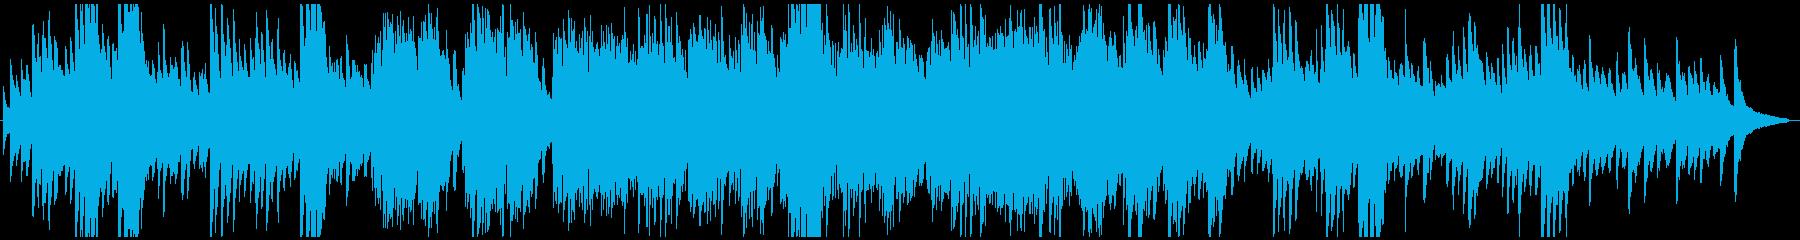 ピアノソロ。メロディアスで静かなロ...の再生済みの波形